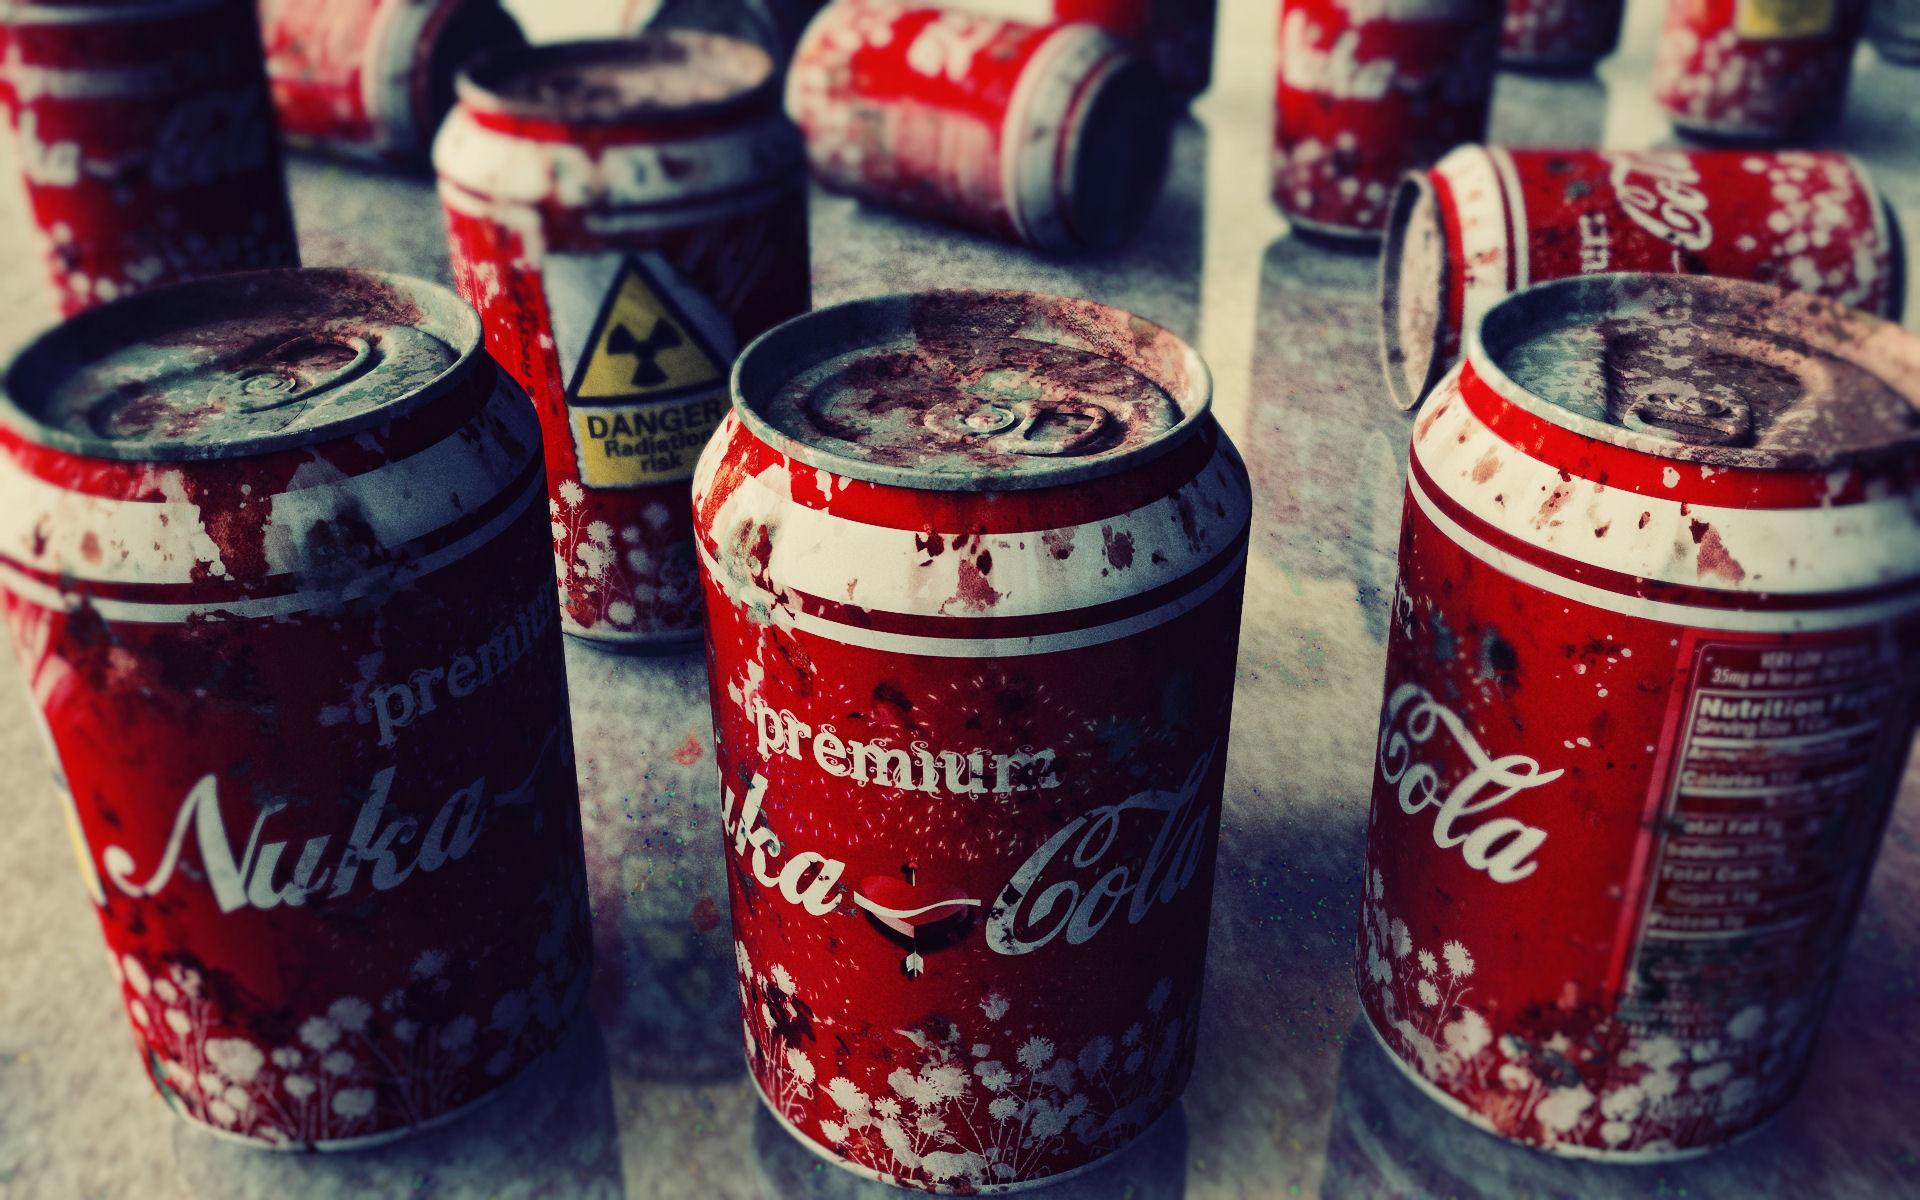 Res: 1920x1200, Nuka-Cola by mercio Nuka-Cola by mercio